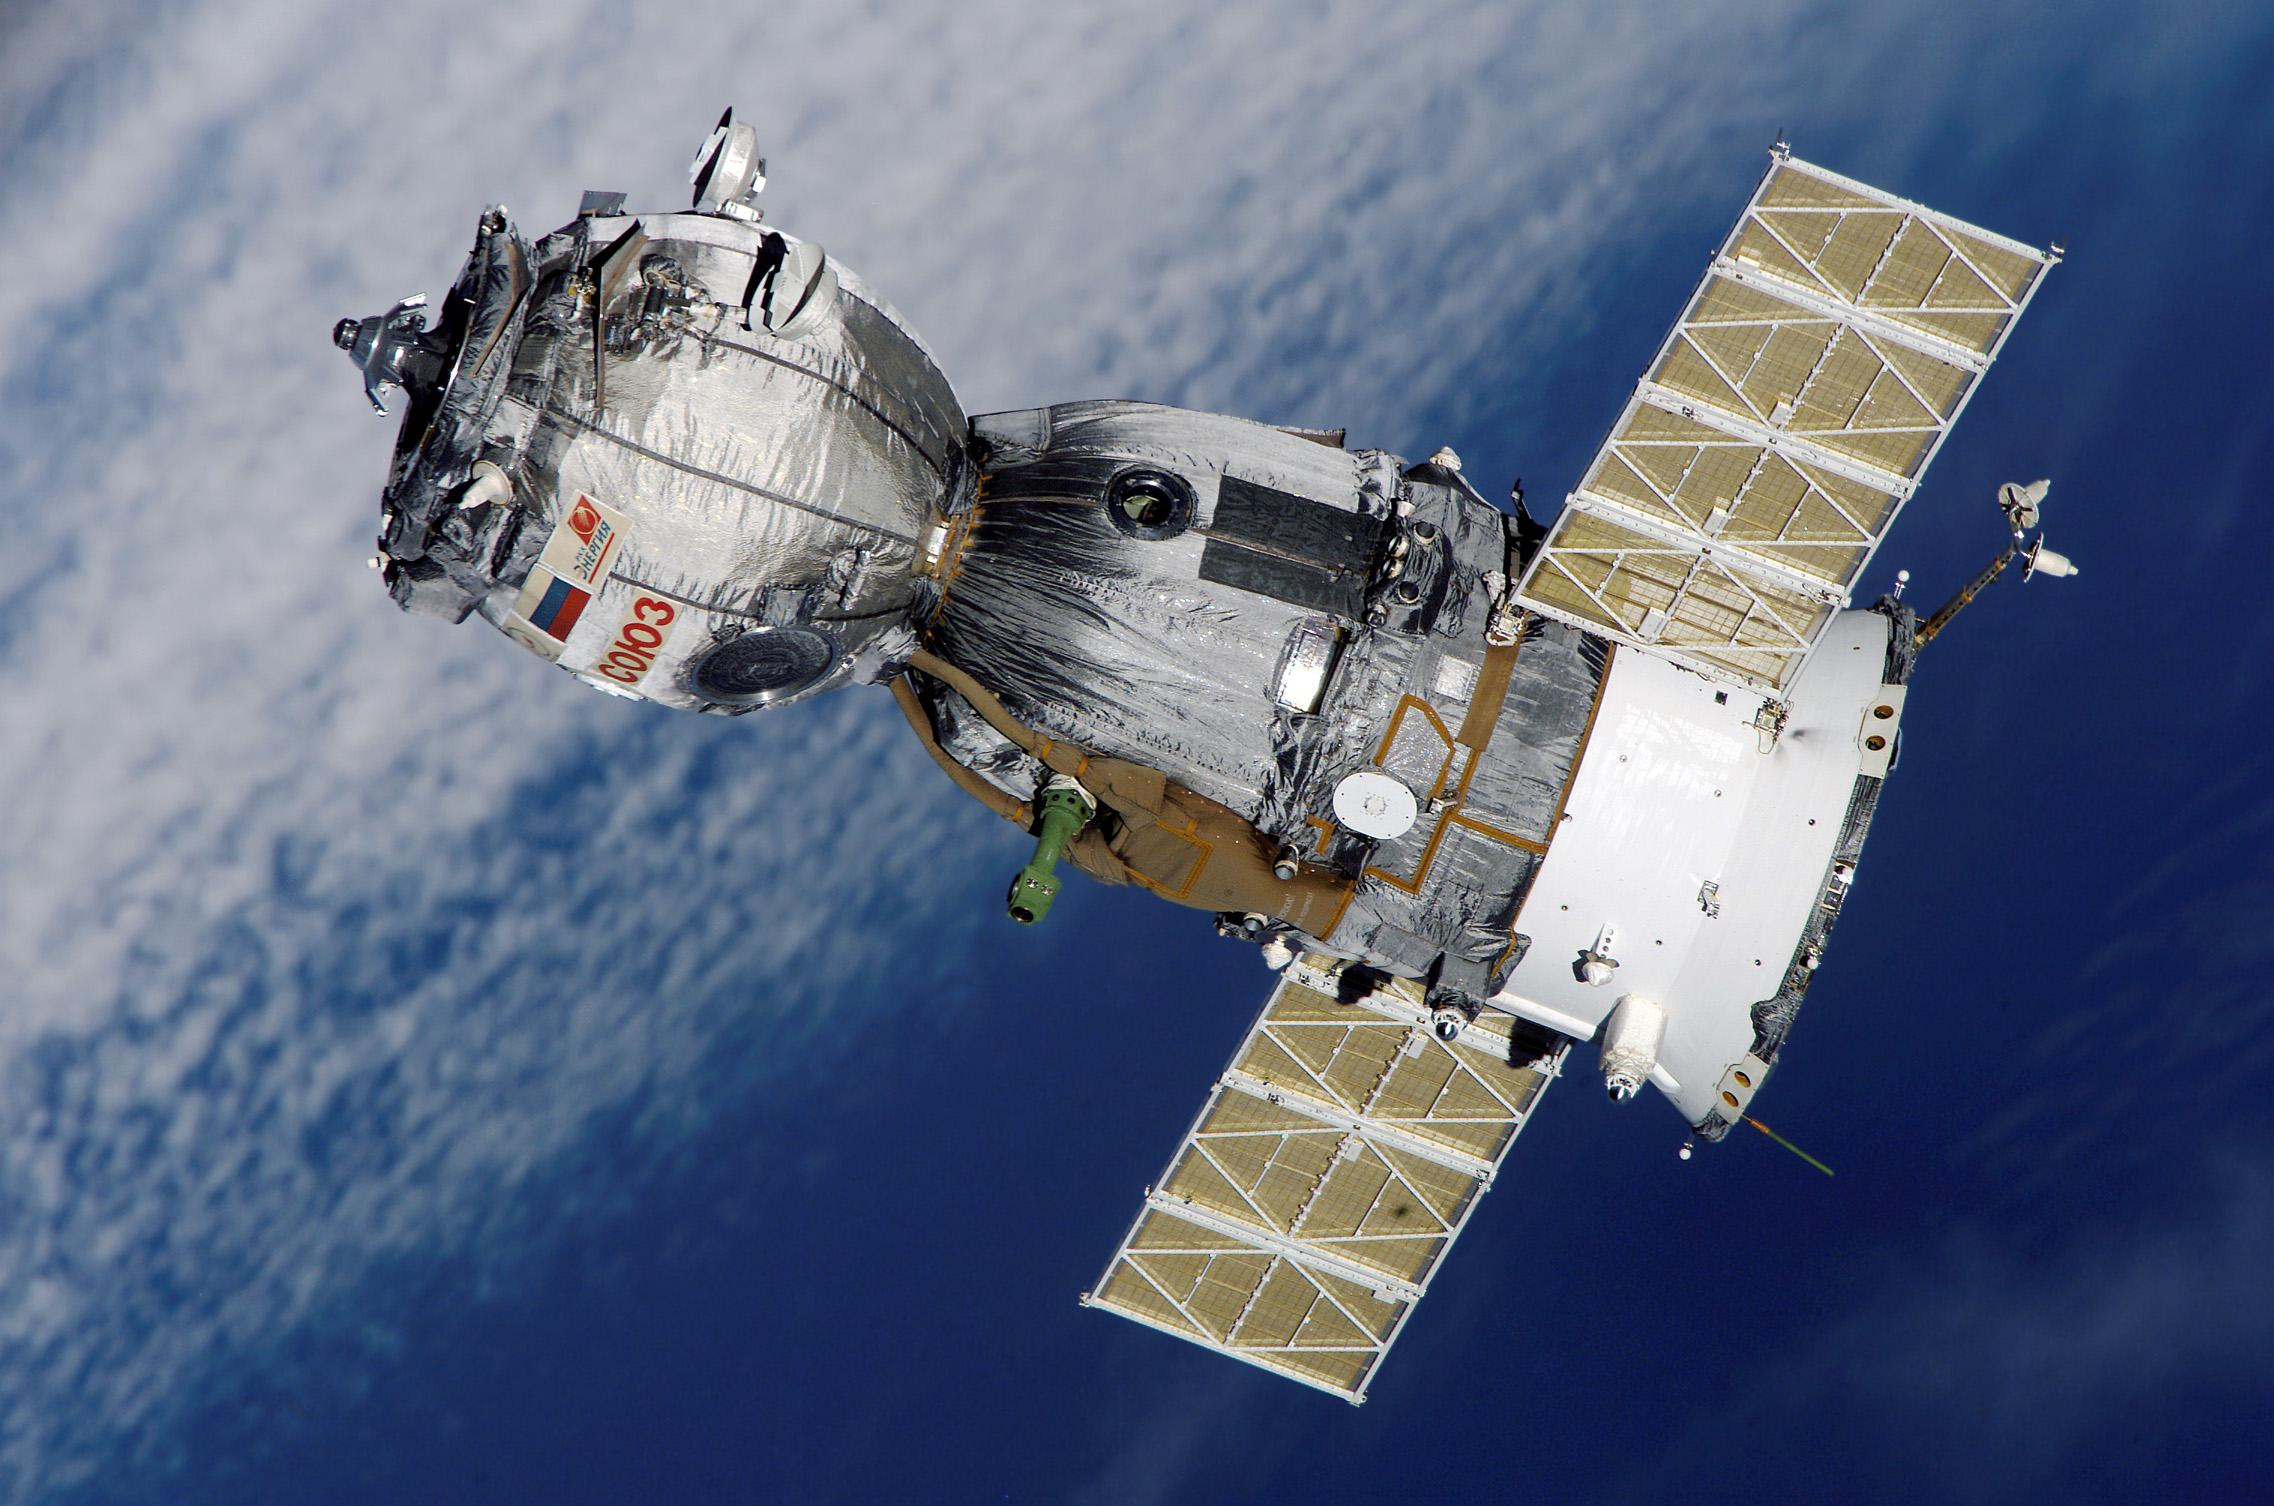 Soyuz kapsülü adresine ulaştı